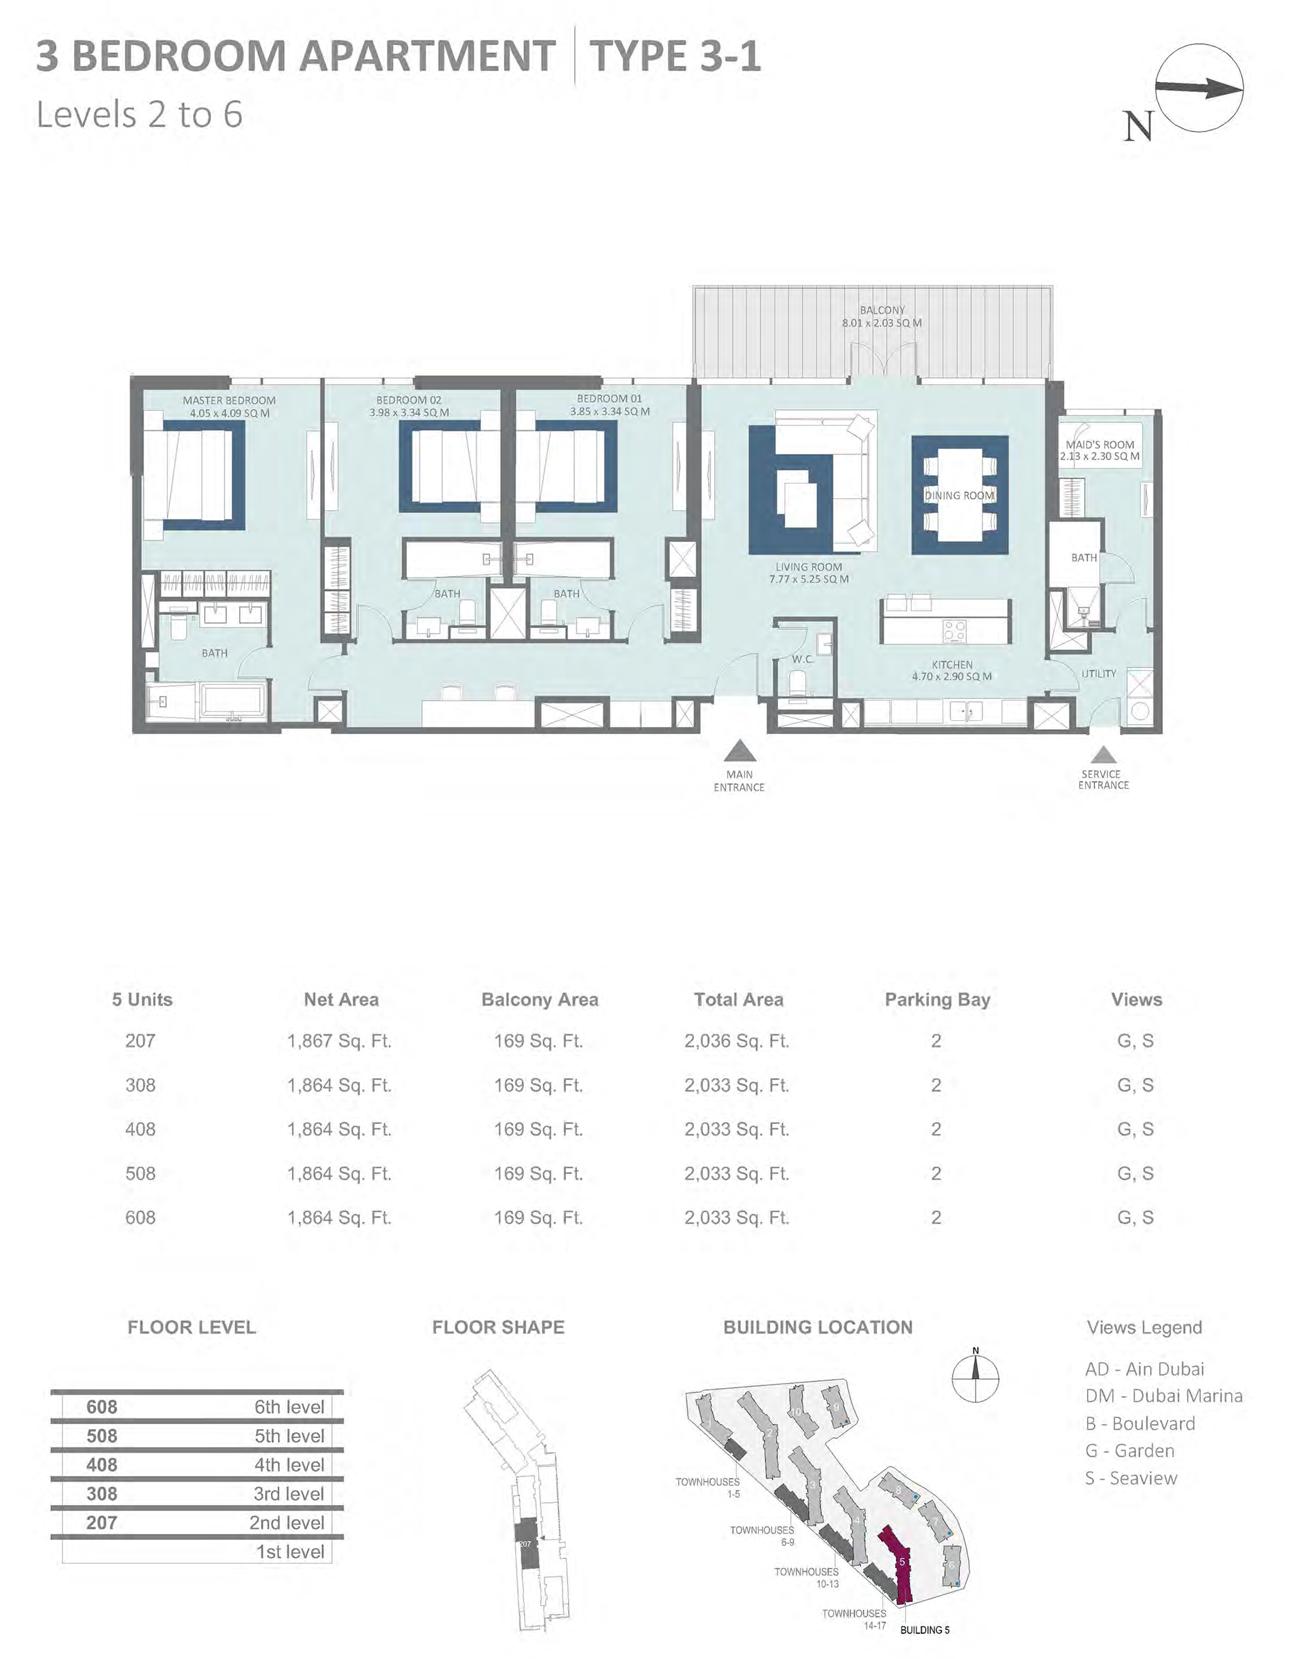 المبنى 5، 3 غرف نوم، نوع 3-1، المستوى 2-6، حجم 2036 قدم مربع